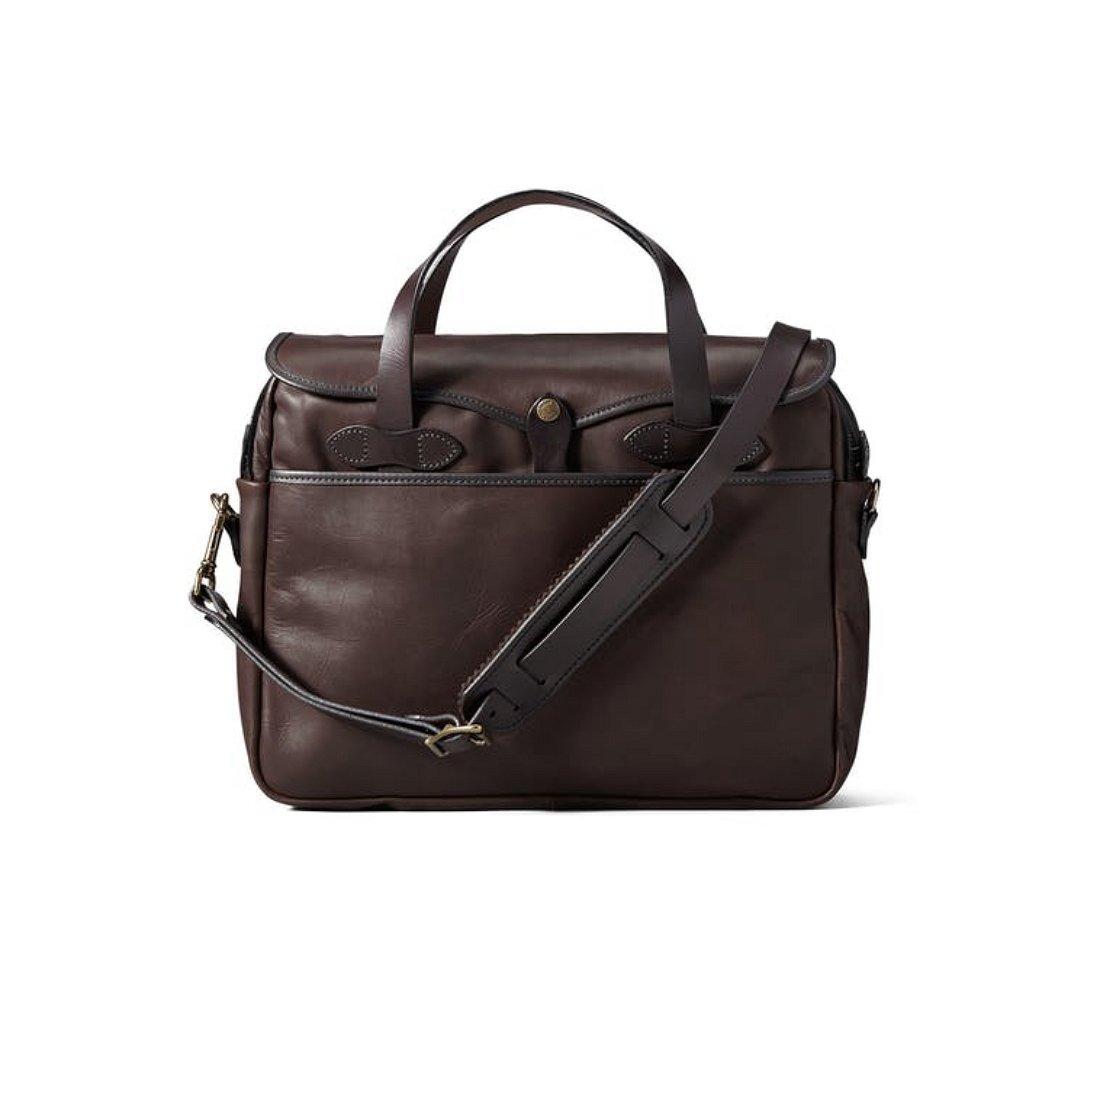 (フィルソン) Filson WEATHERPROOF LEATHER ORIGINAL BRIEFCASE 肌触りの良い革製品オリジナルのブリーフケース [並行輸入品] One Size Sierra Brown B07FFLG5VW